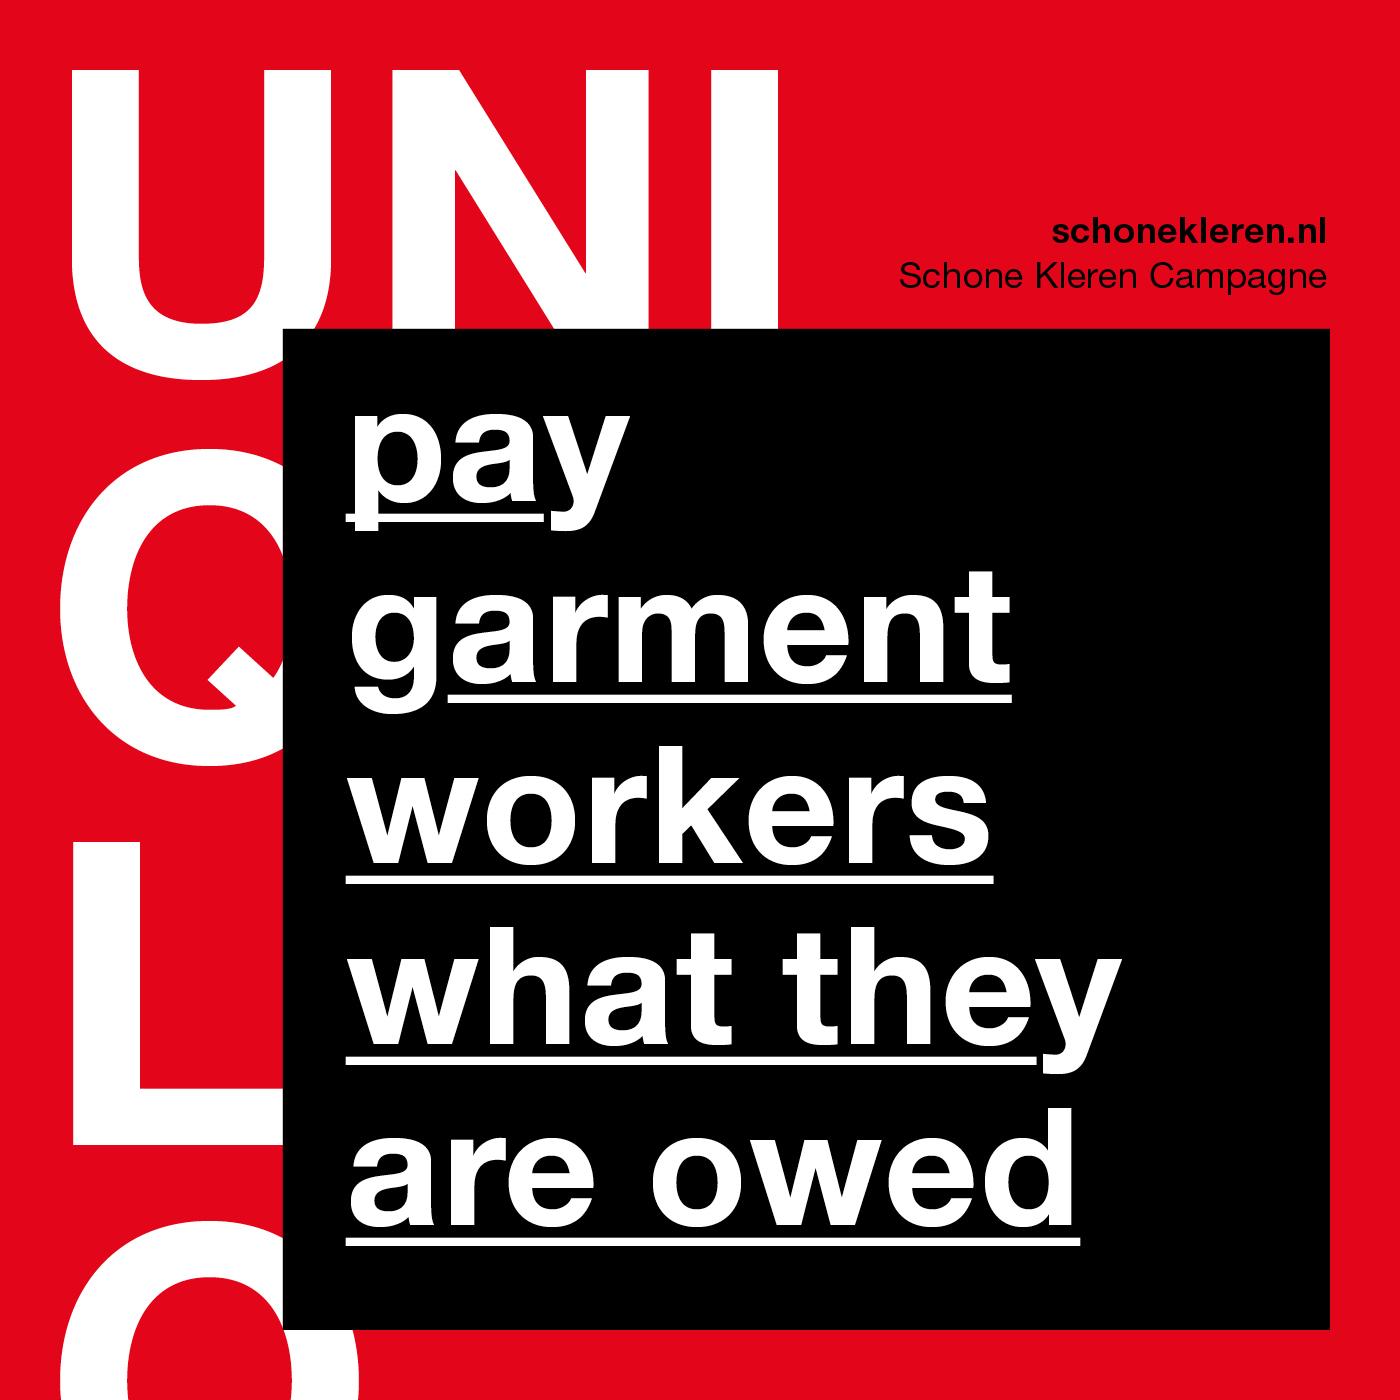 UNIQLO weigert ontslagvergoeding en achterstallig loon van 2000 ontslagen arbeiders te betalen!